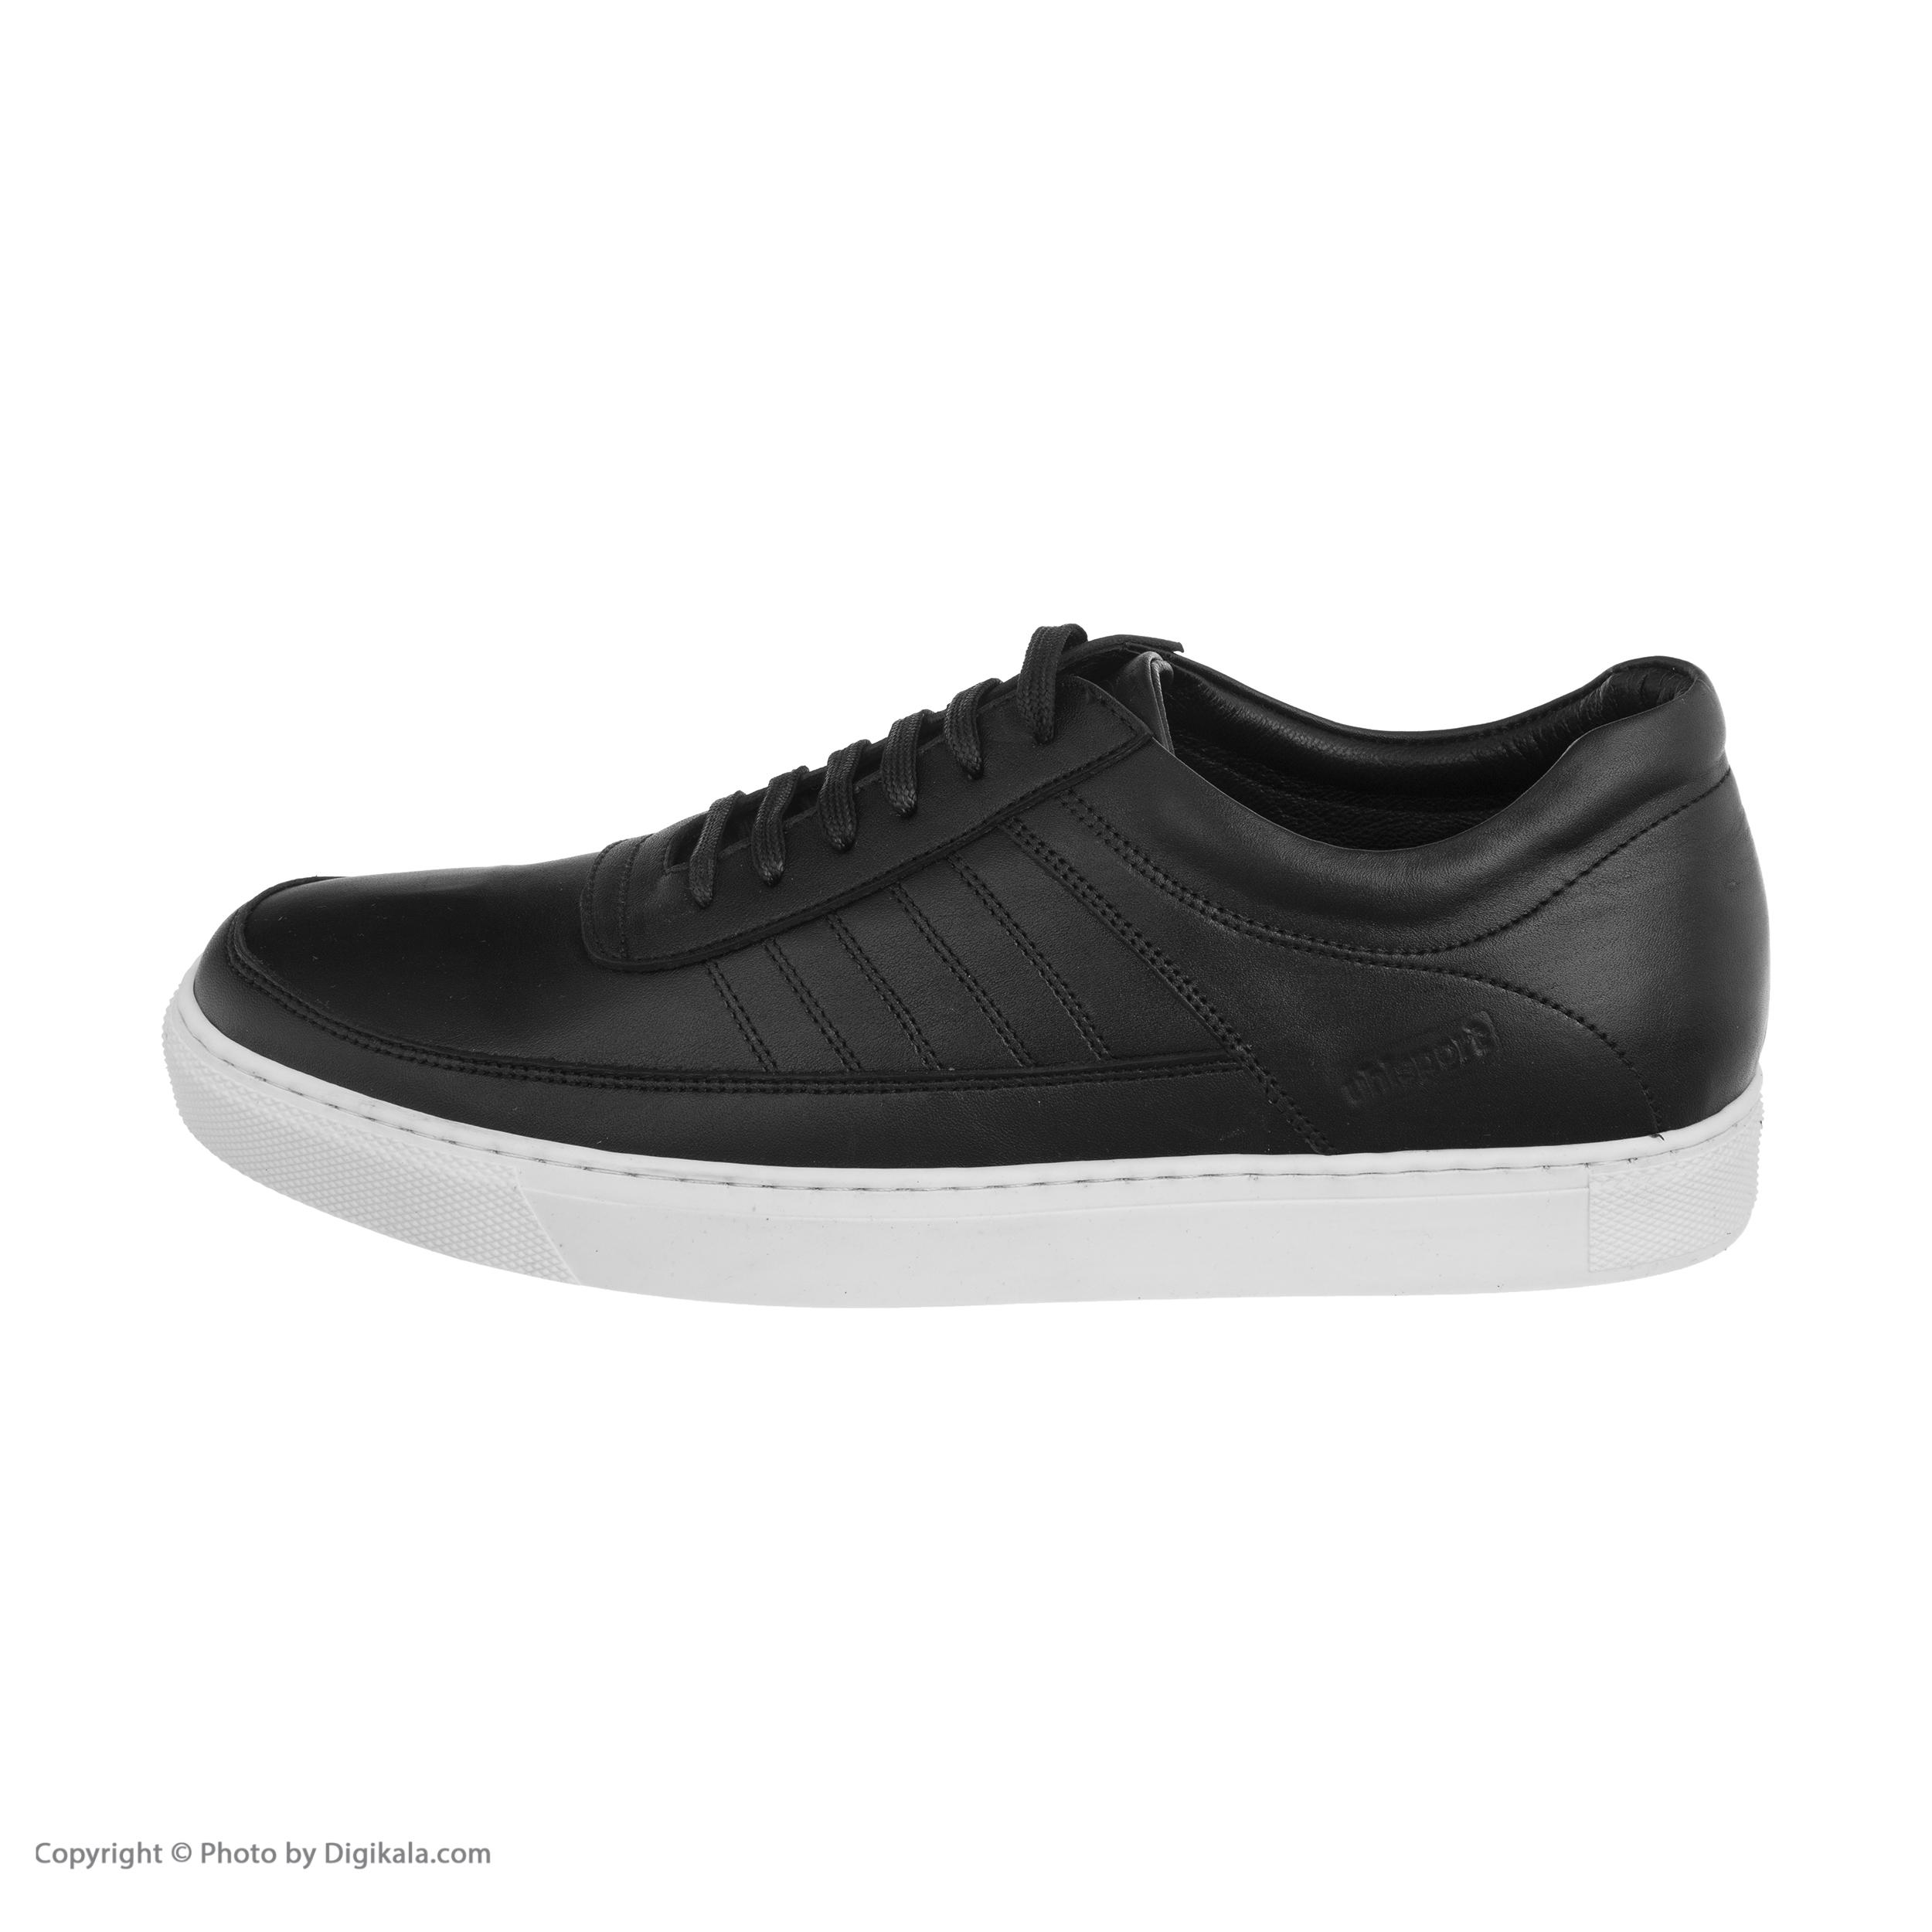 کفش راحتی مردانه آلشپرت مدل MUH789-001